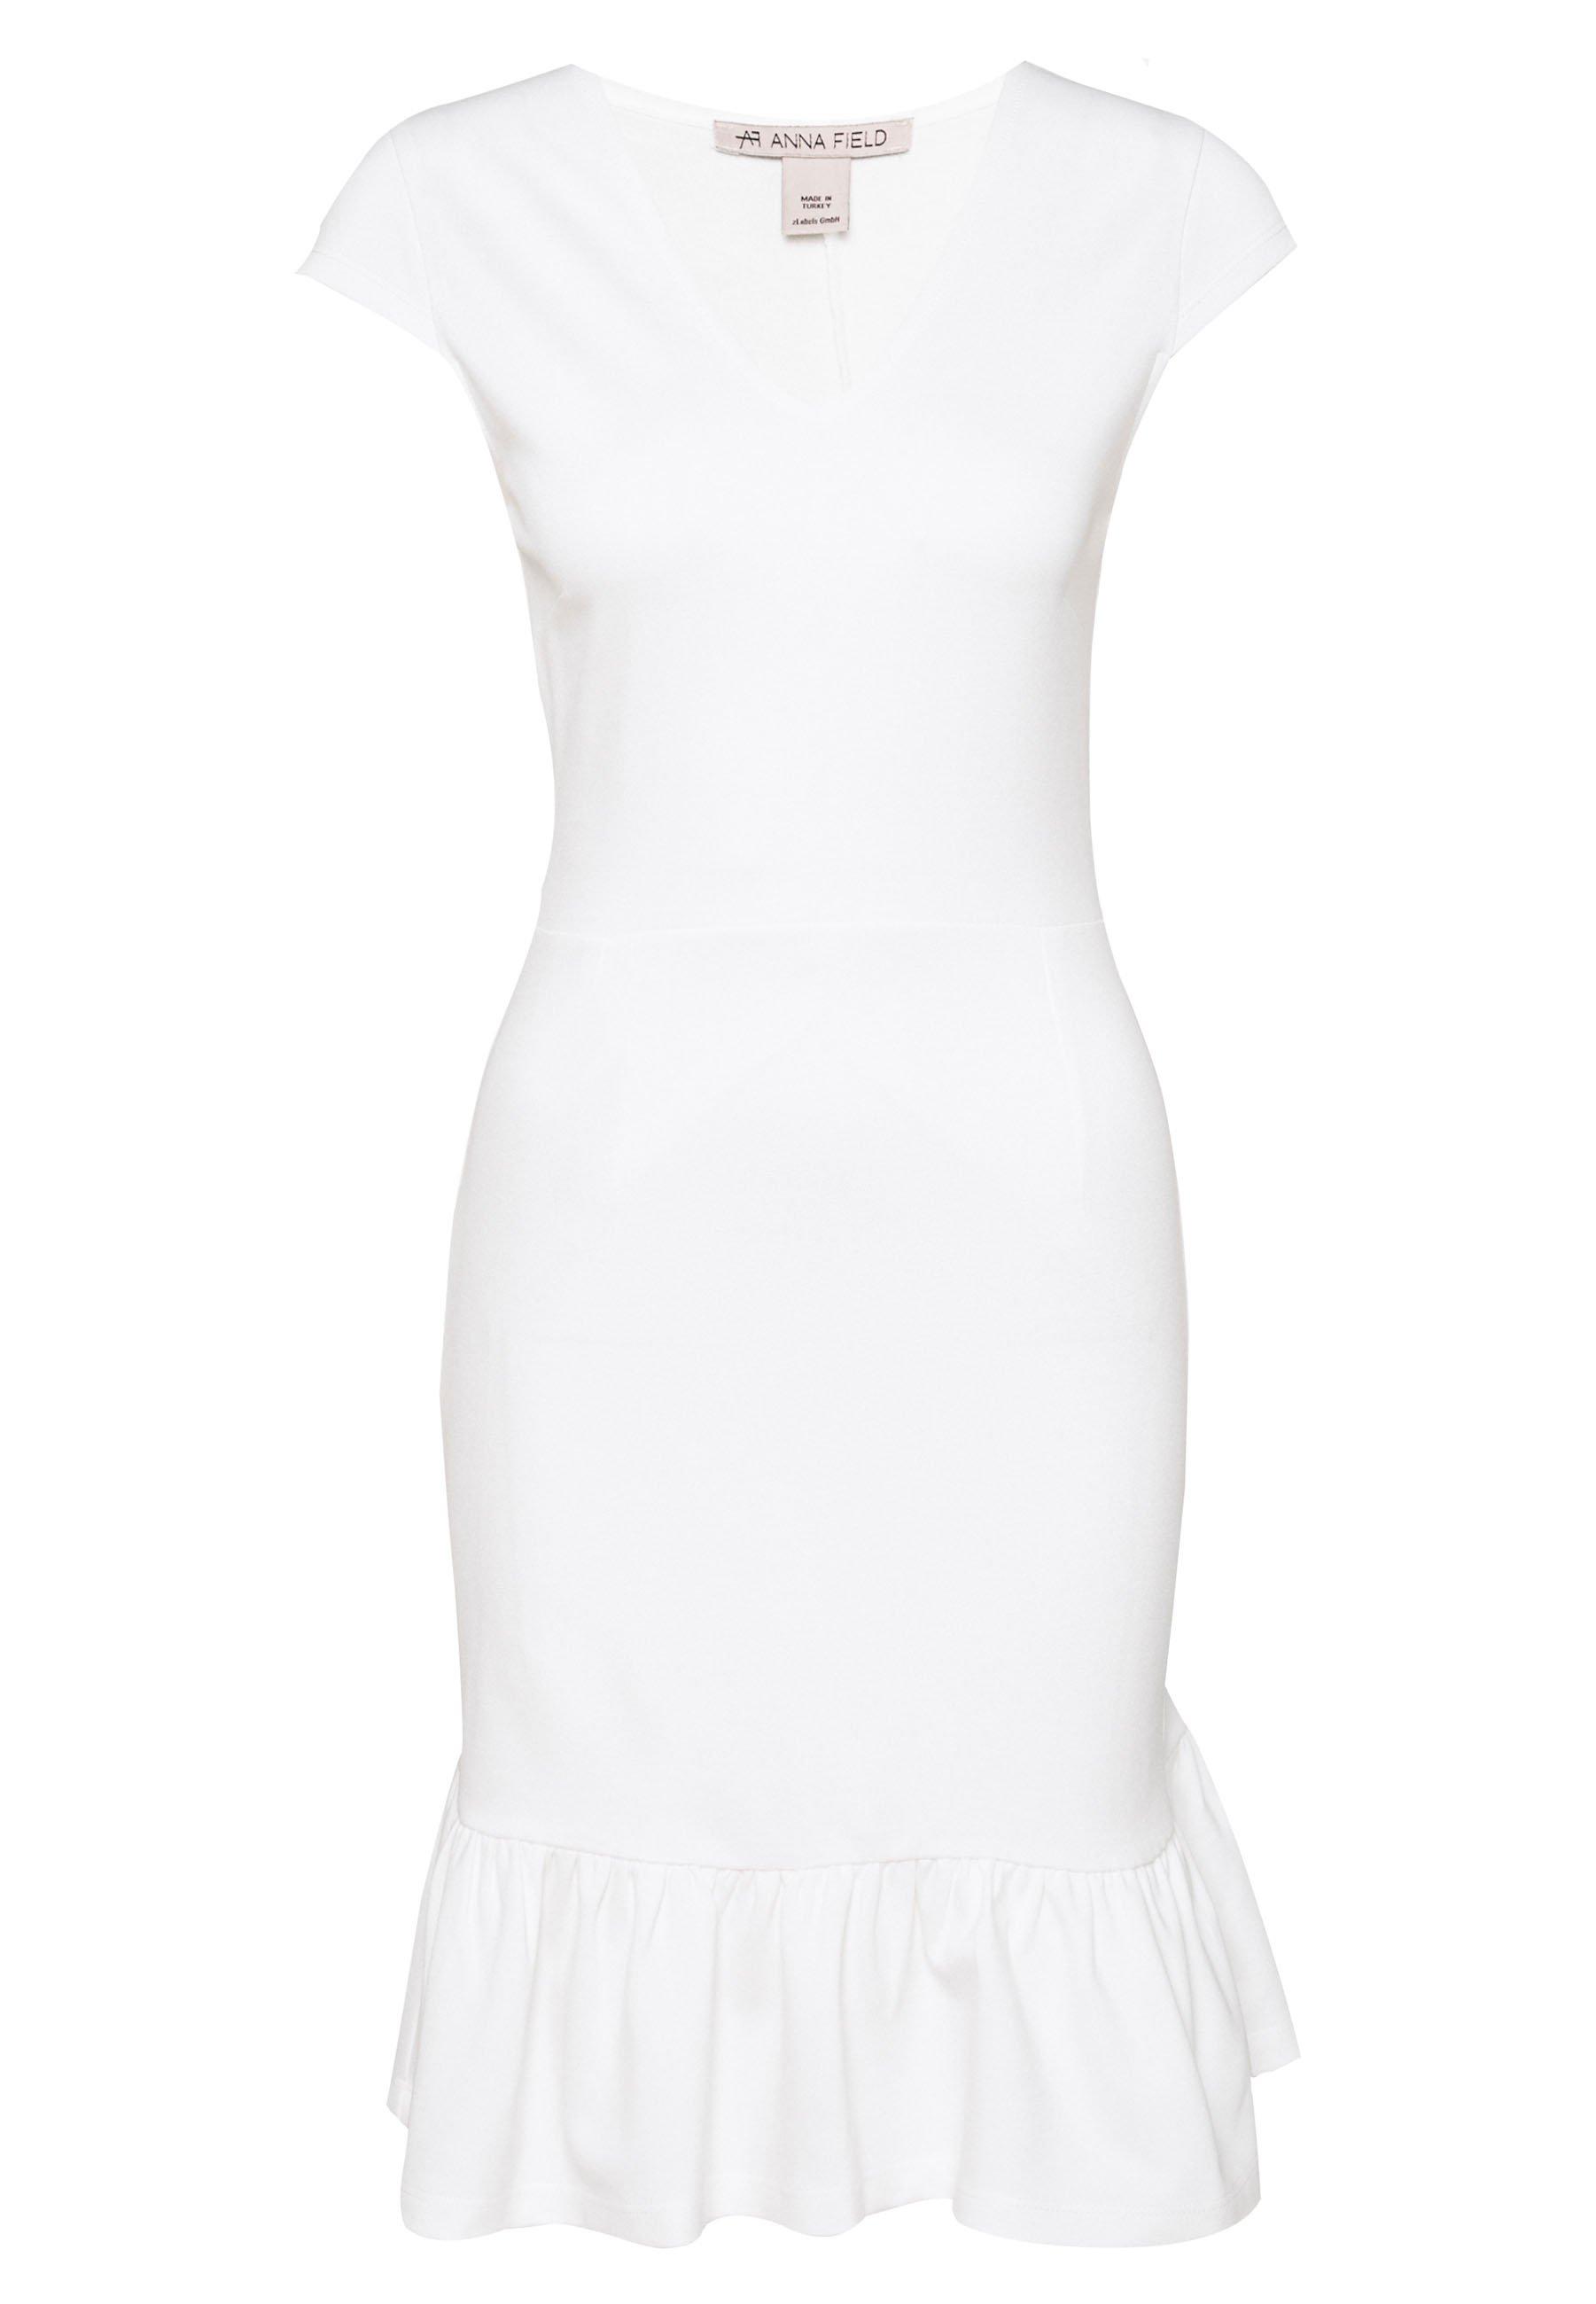 Klänningar online | Köp din klänning på Zalando.se